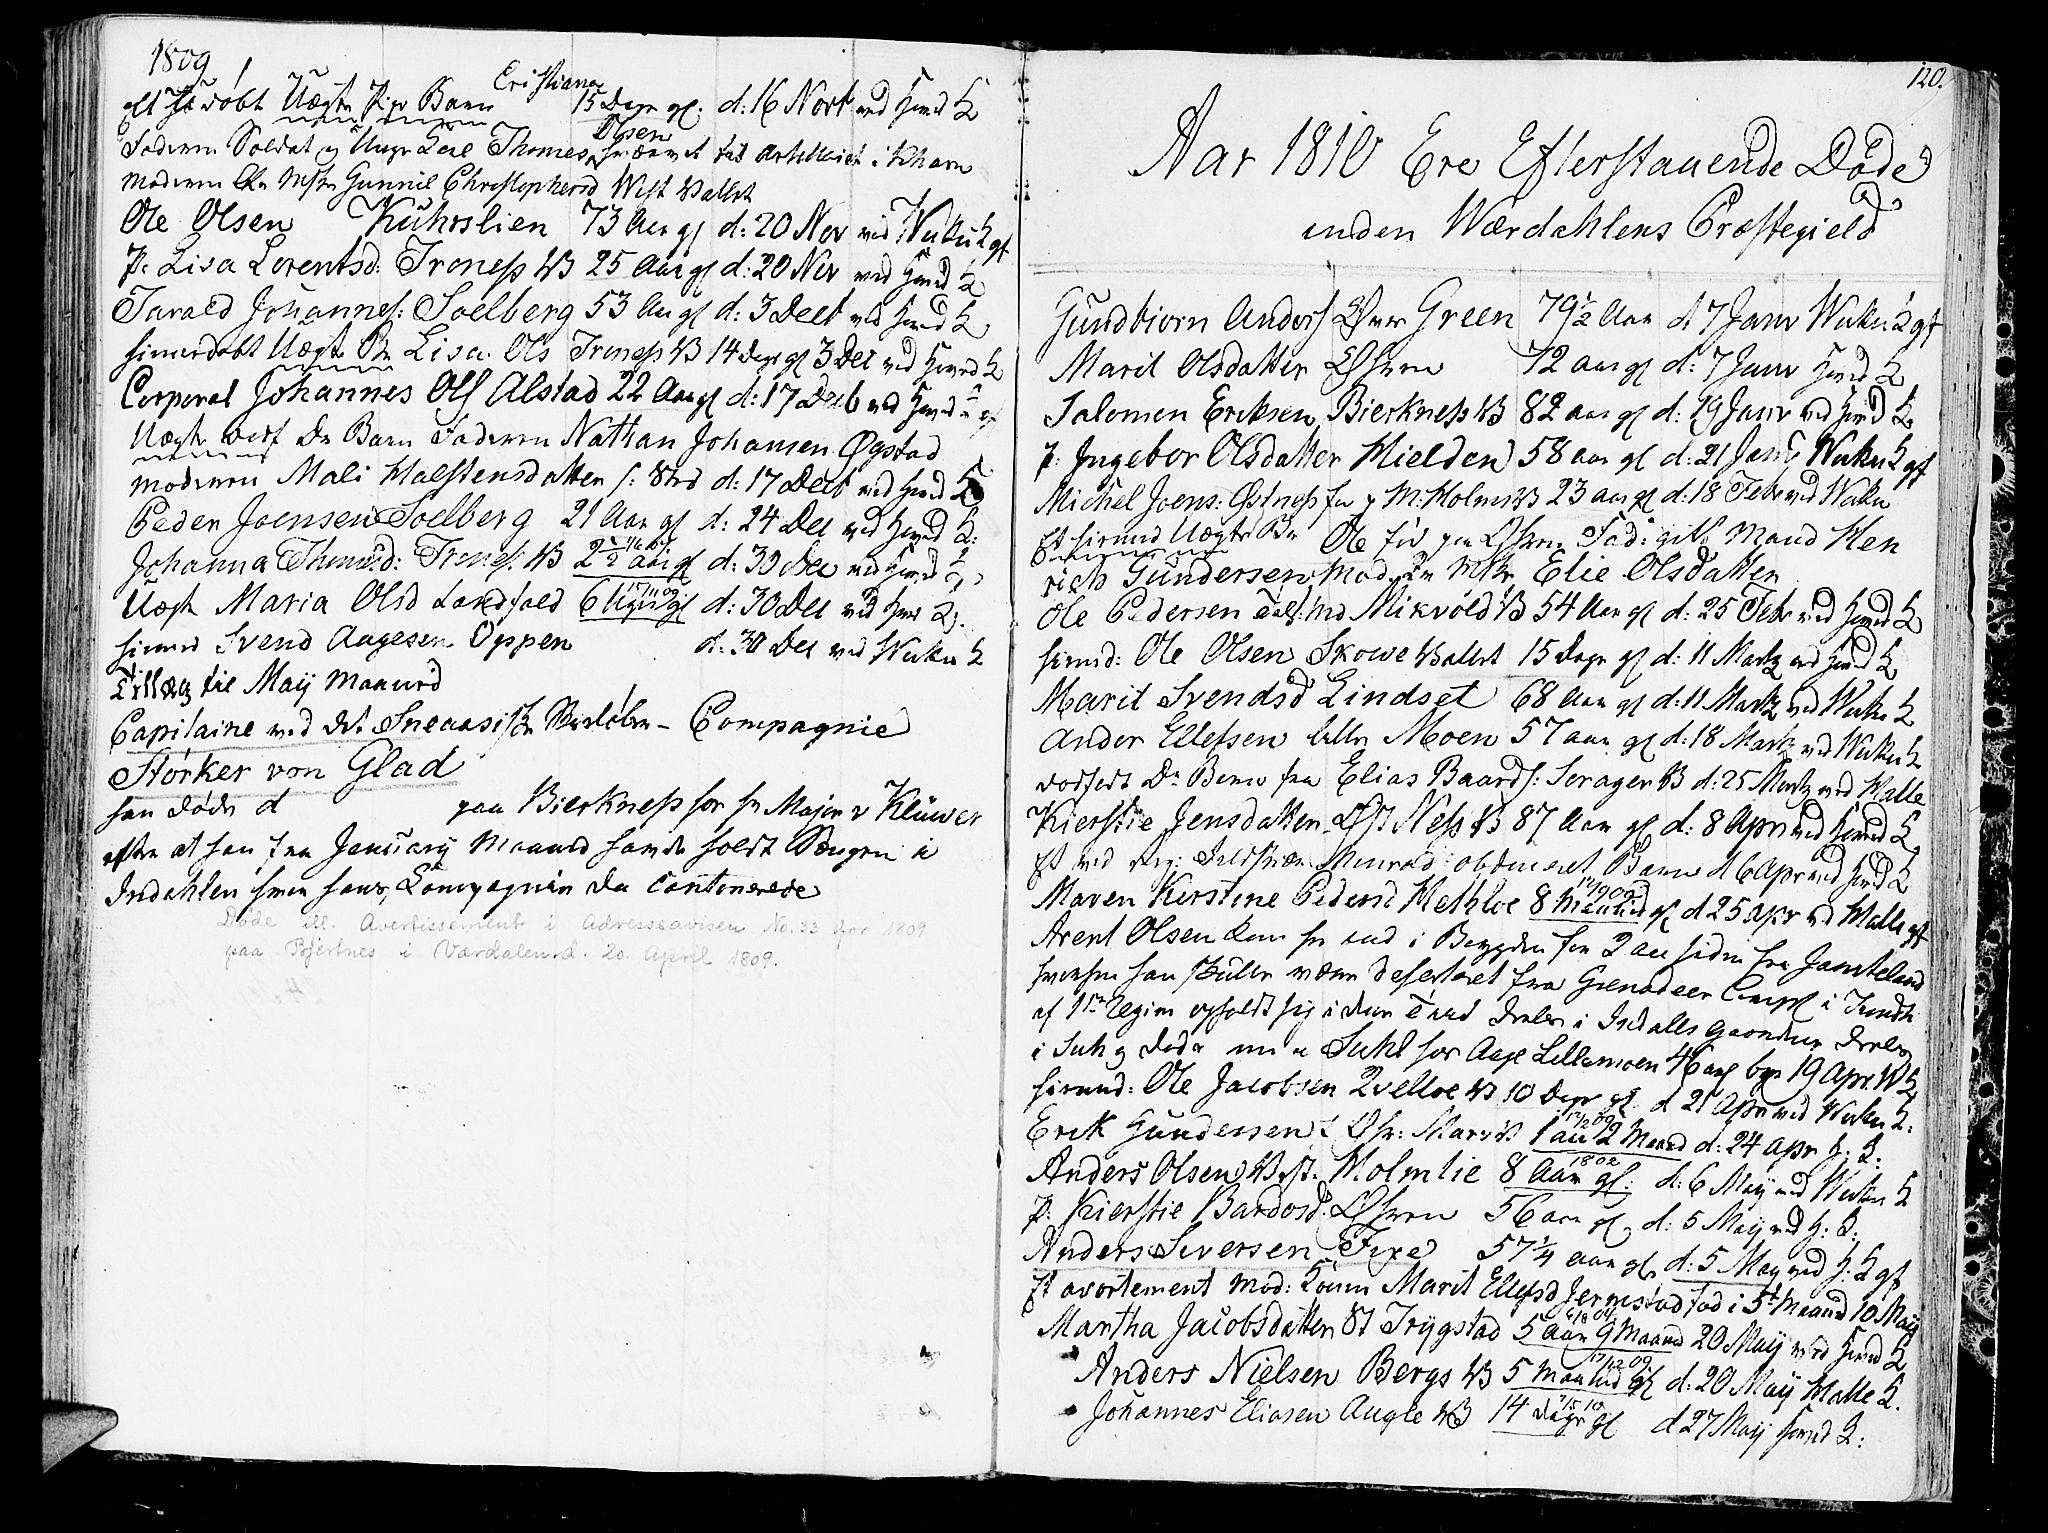 SAT, Ministerialprotokoller, klokkerbøker og fødselsregistre - Nord-Trøndelag, 723/L0233: Ministerialbok nr. 723A04, 1805-1816, s. 120